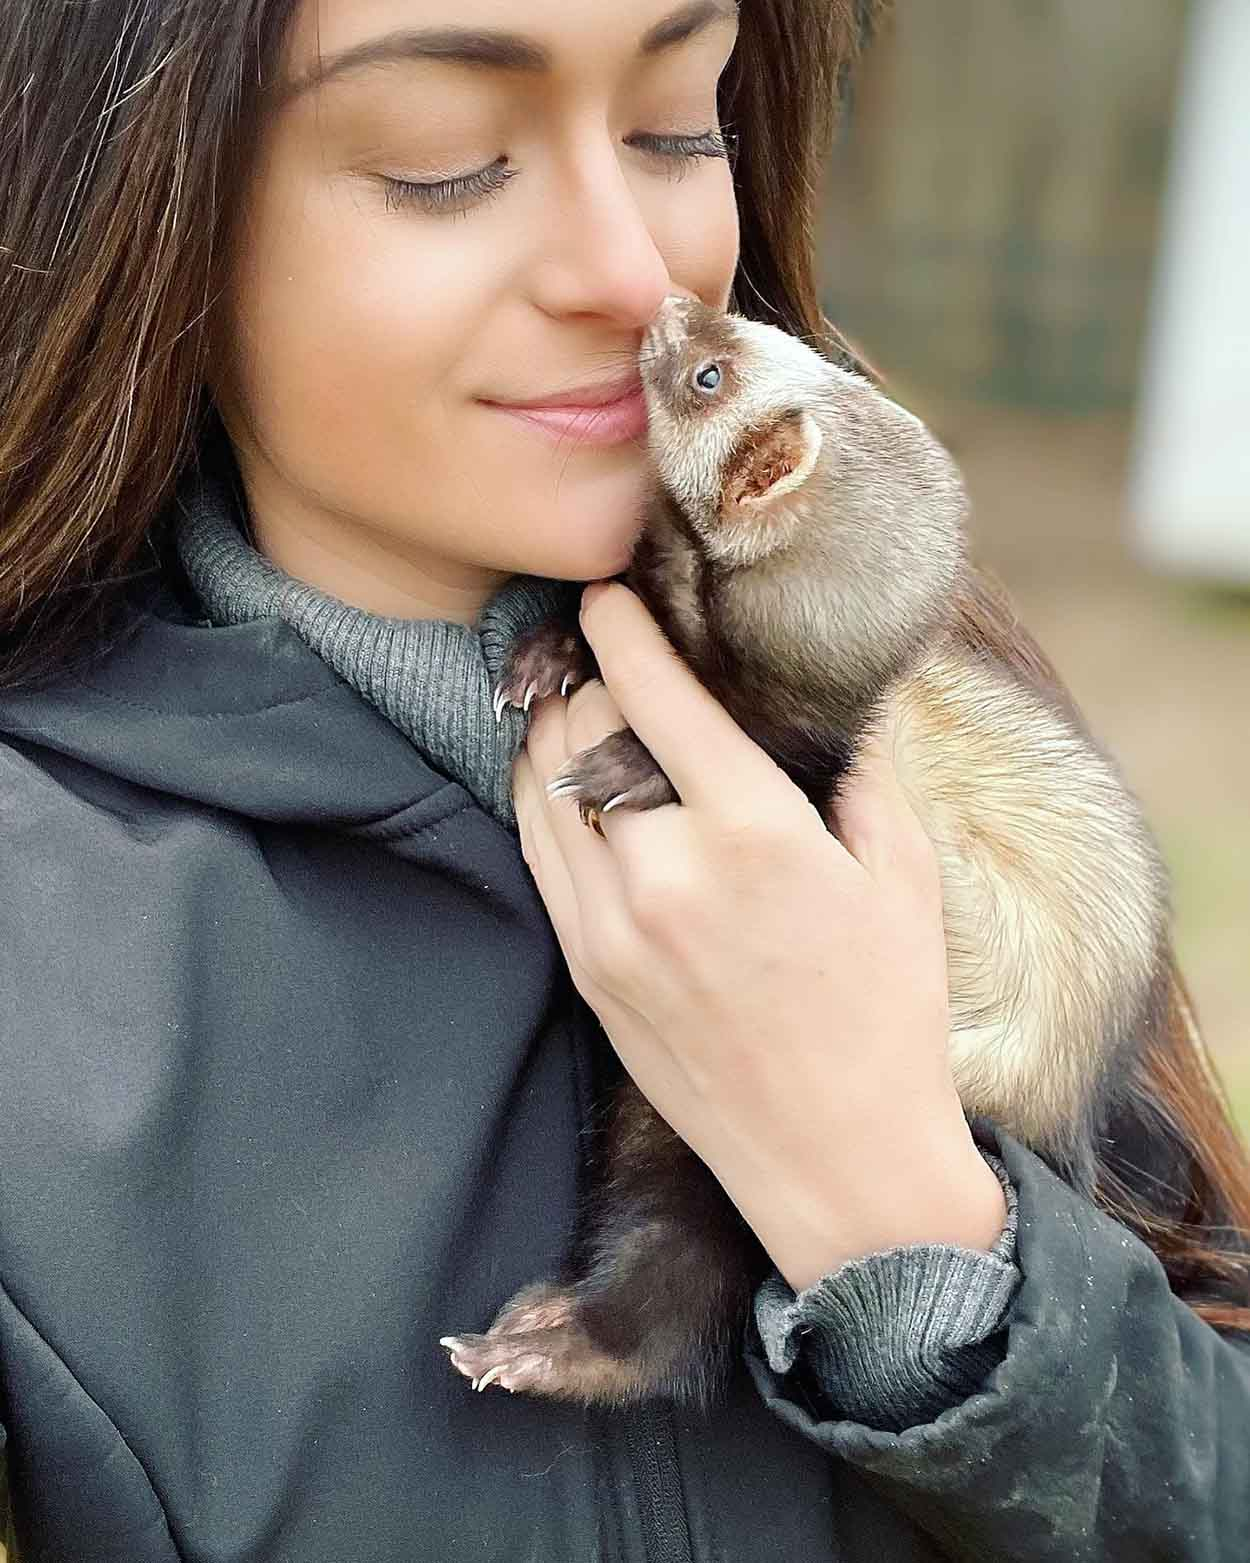 Mujer cuida de animales abandonados